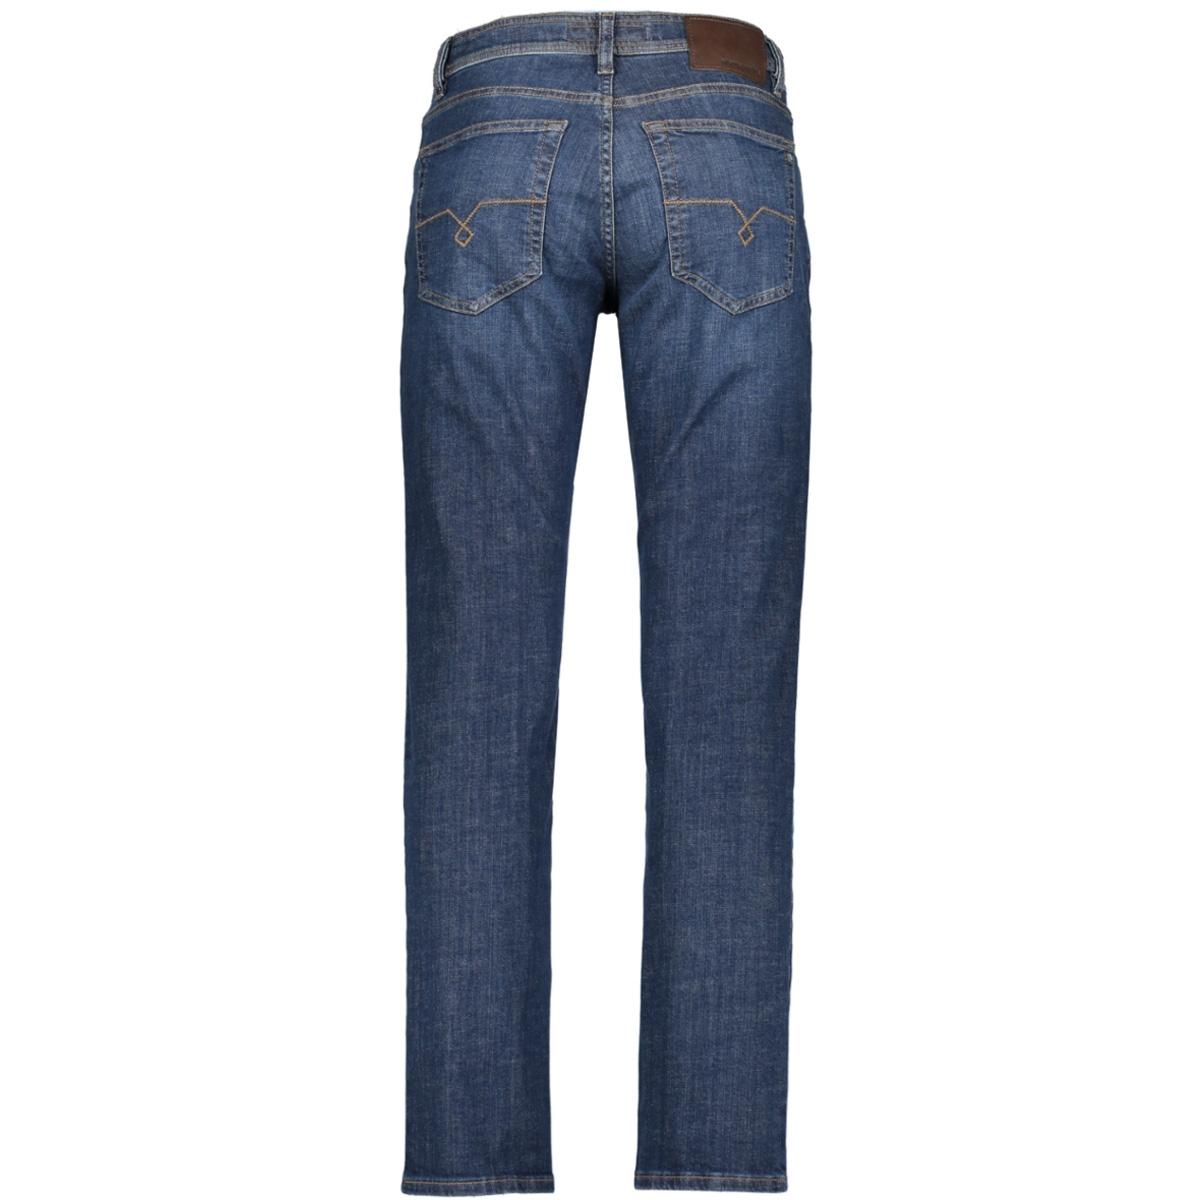 deauville 3196 7200 pierre cardin jeans 07